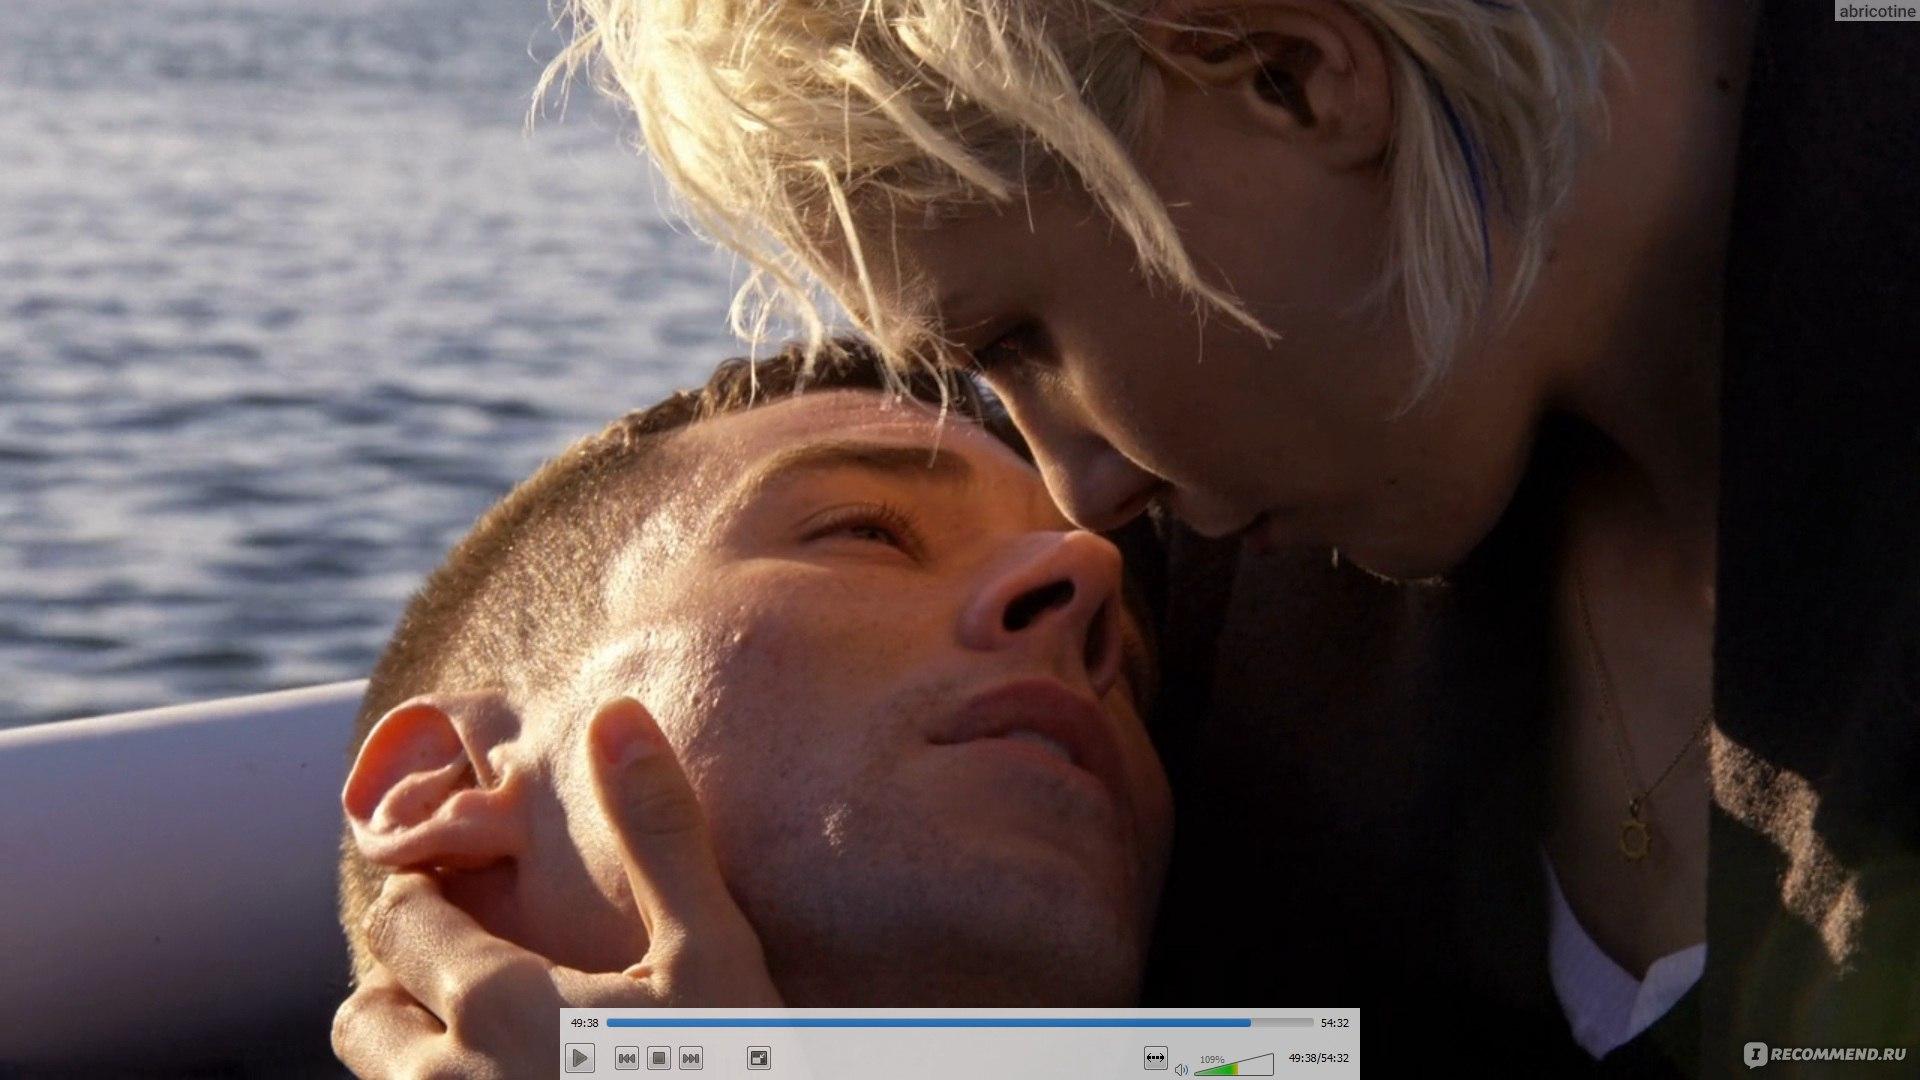 Сексуальные сцены однополой любви